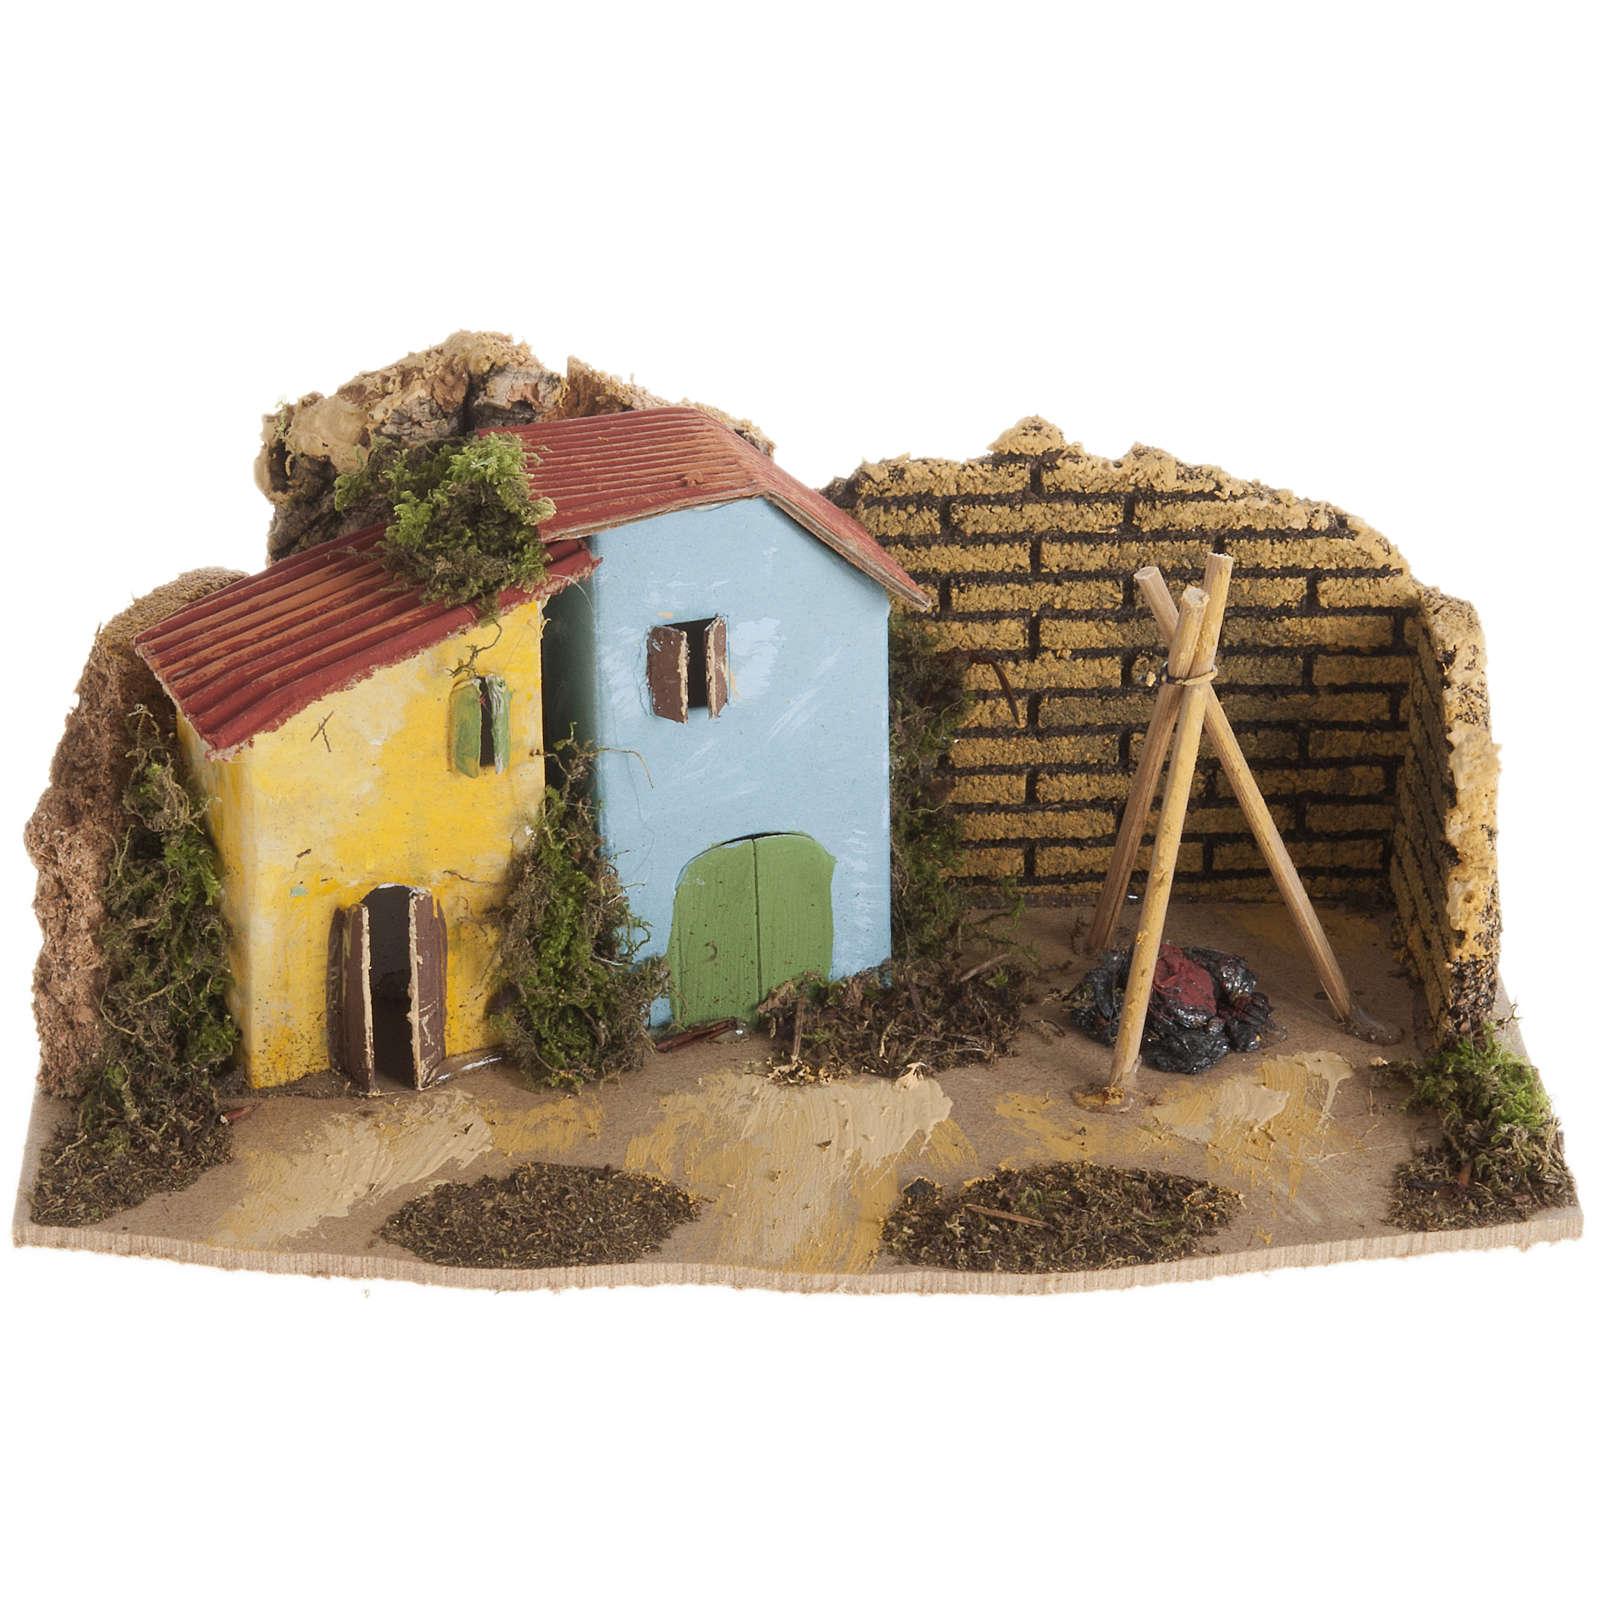 Maison décor crèche en bois avec feu 4